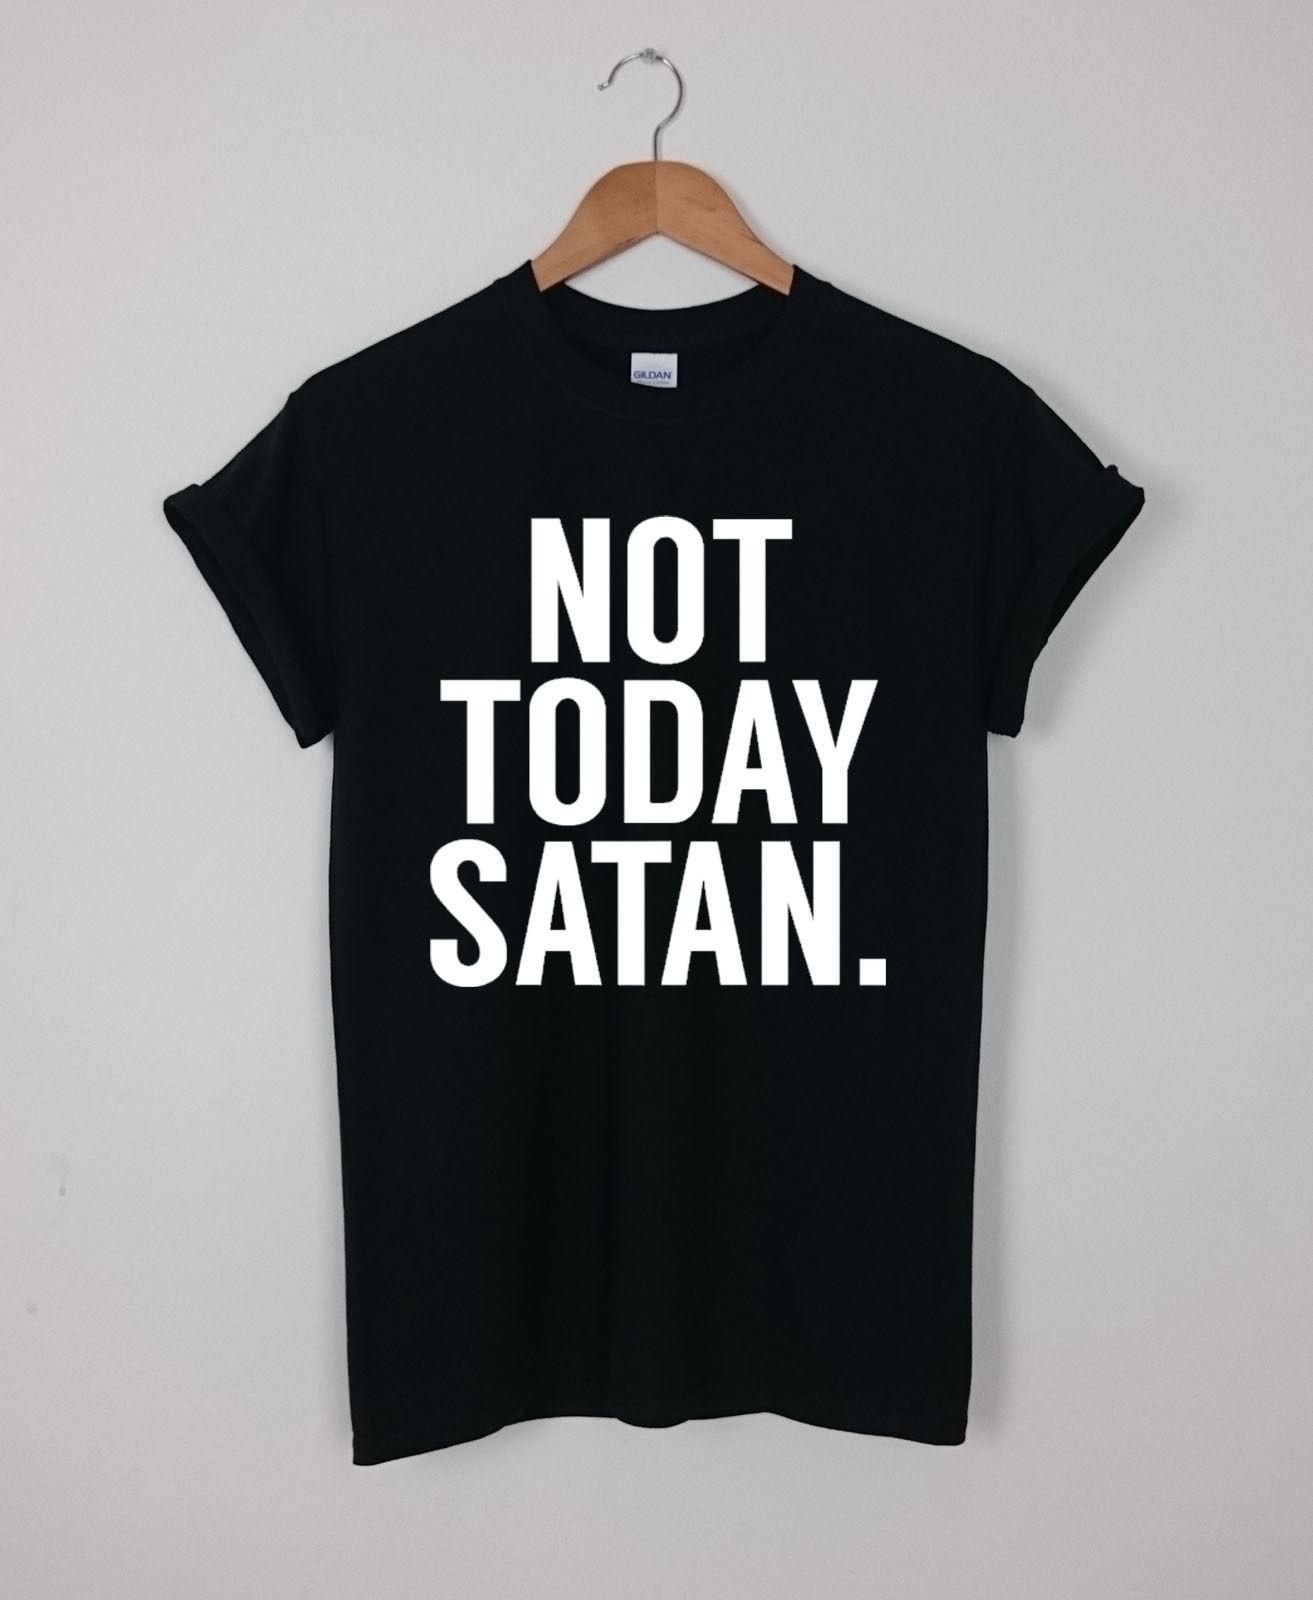 34e79edaa Compre Não Hoje Satanás T Shirt Top Engraçado Tumblr Coração Hipster Blog T  Das Mulheres Unisex Medo Cosplay Liverpool Tshirt Mens Orgulho T Shirt  Escuro De ...